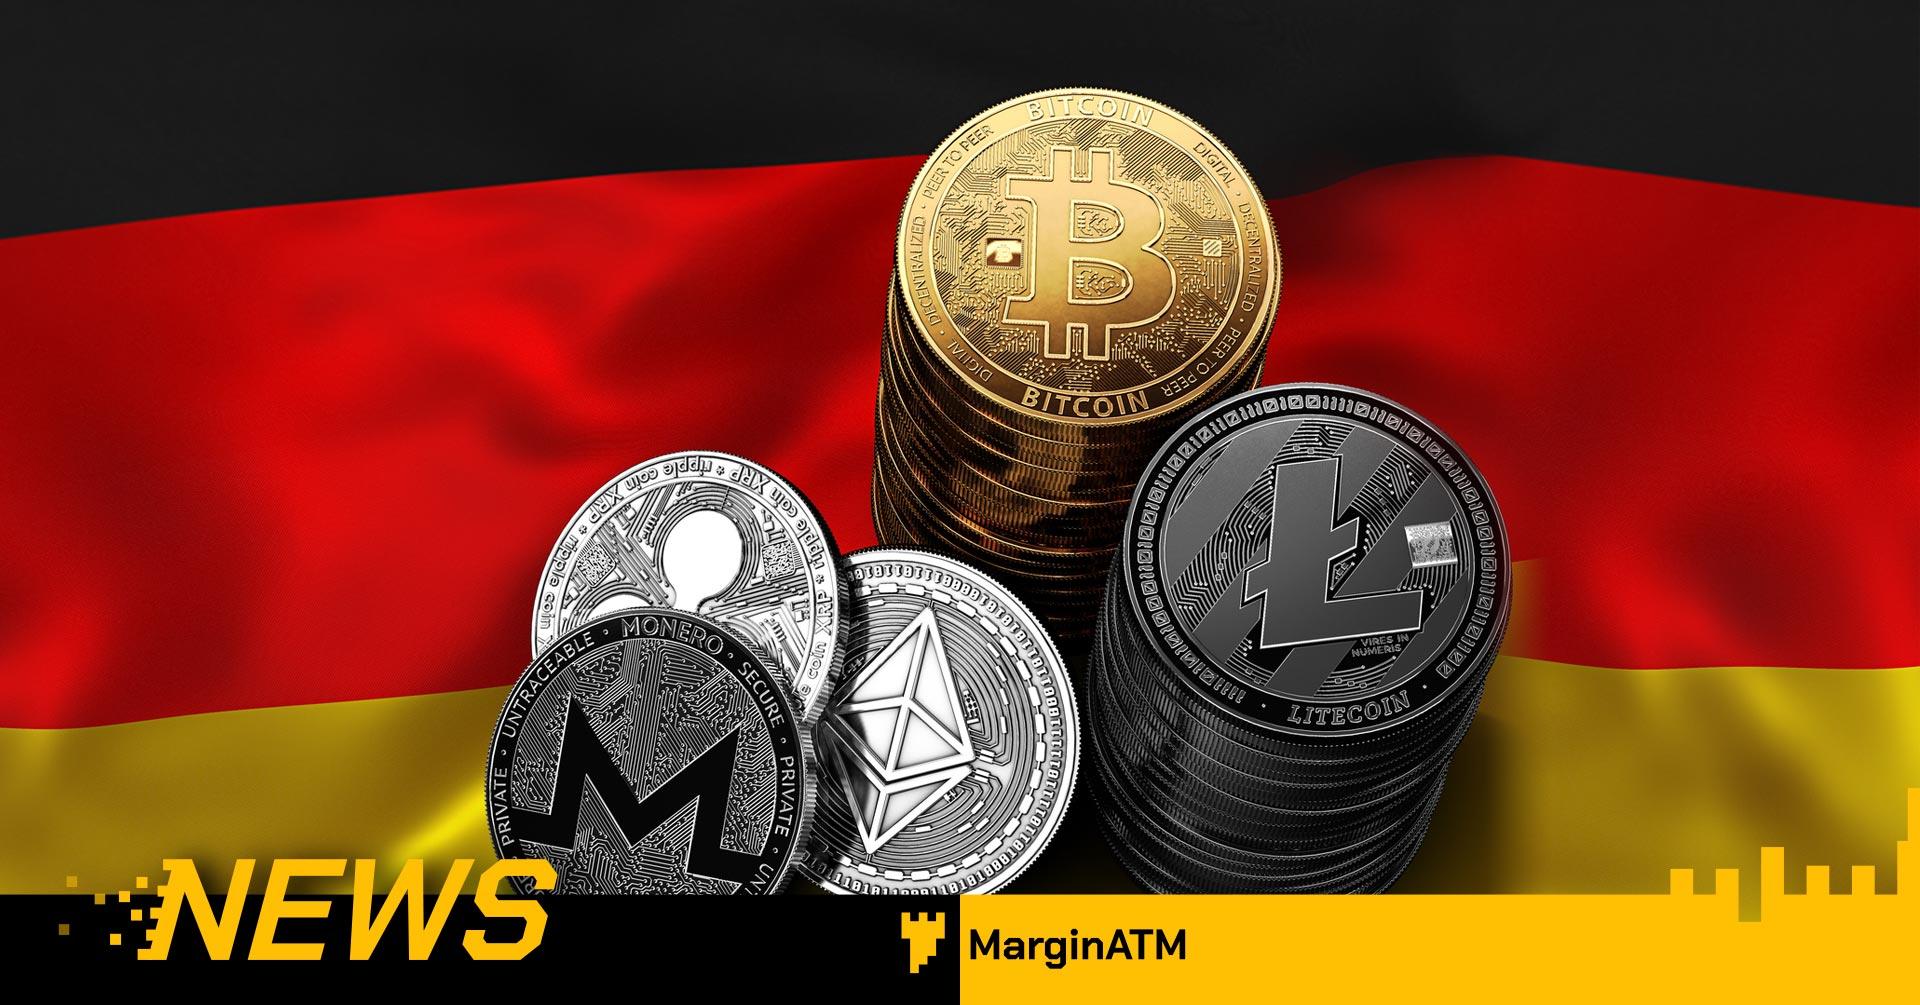 Đức chính thức cho phép các quỹ và tổ chức đầu tư tiền điện tử